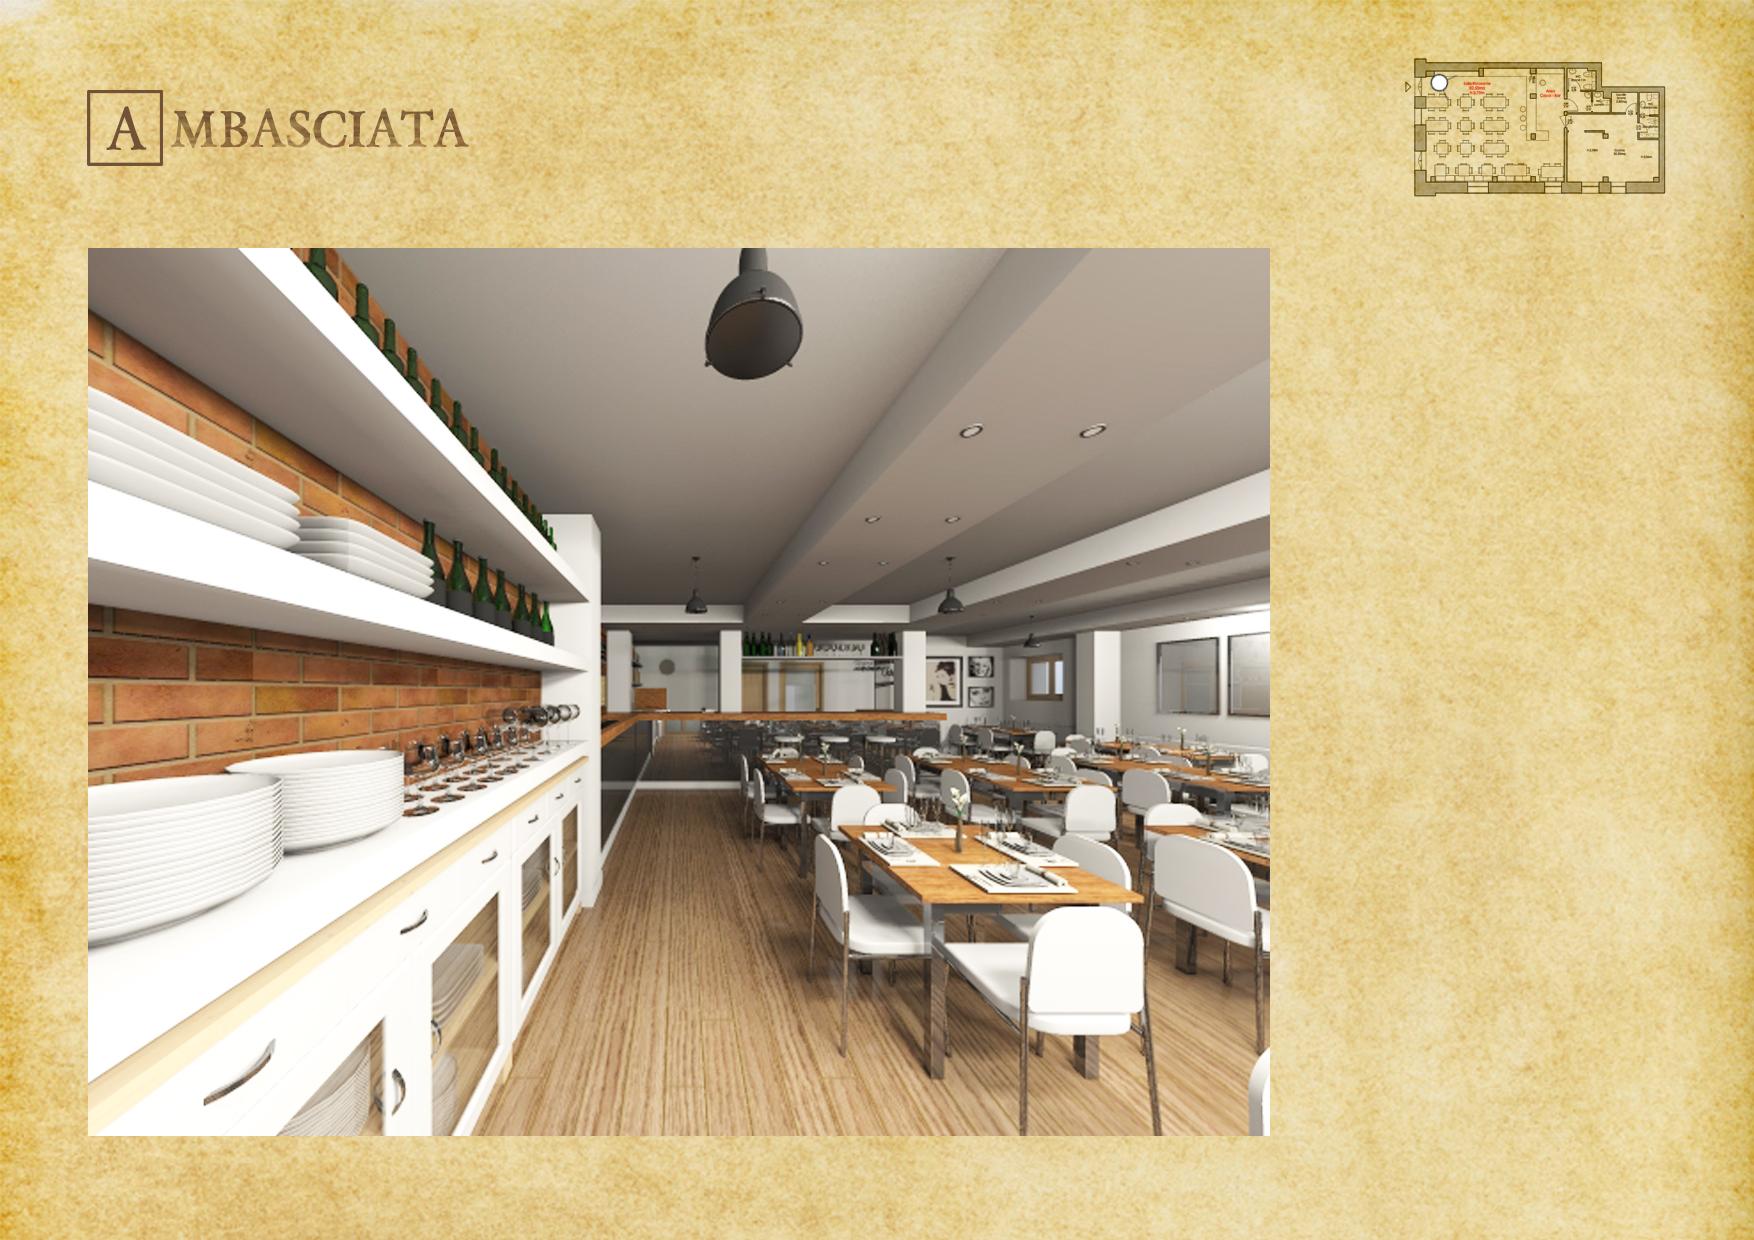 Credenza Restaurant Ambasciata - © R. Aleotti, A. Pea, T. Tamborriello